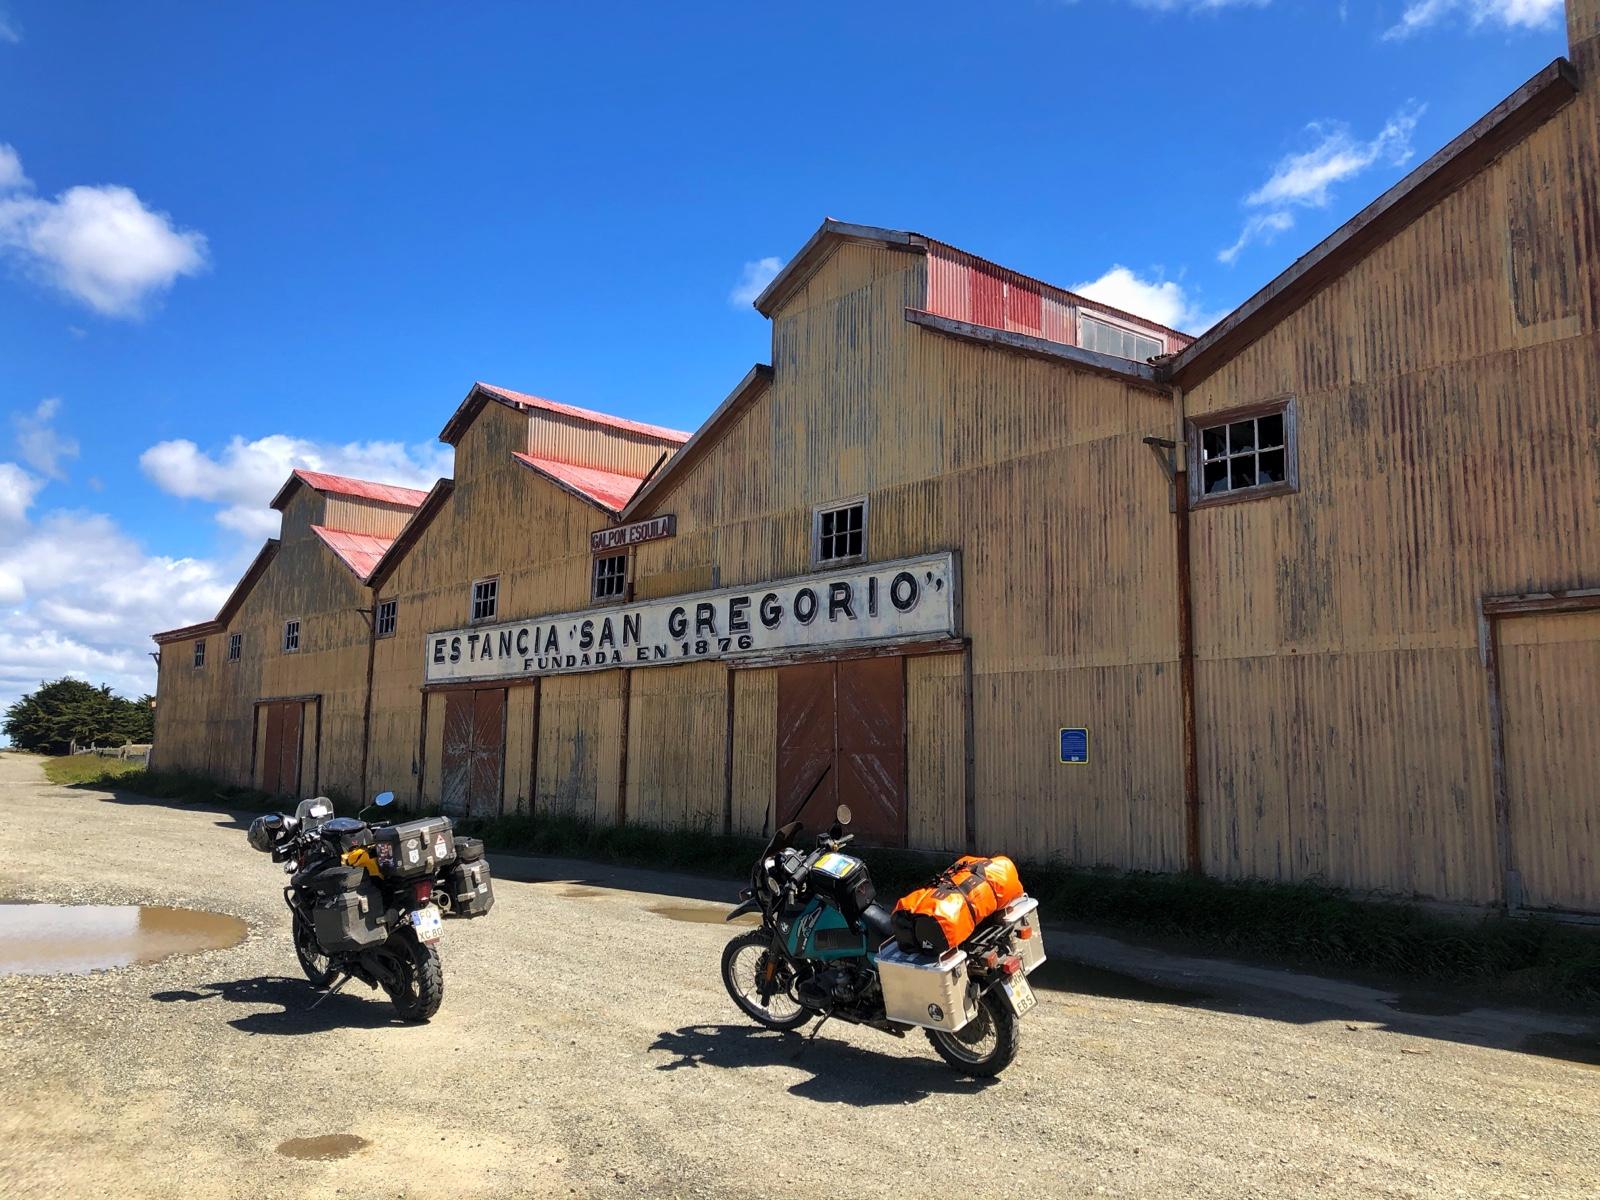 Älteste Farm in der Umgebung